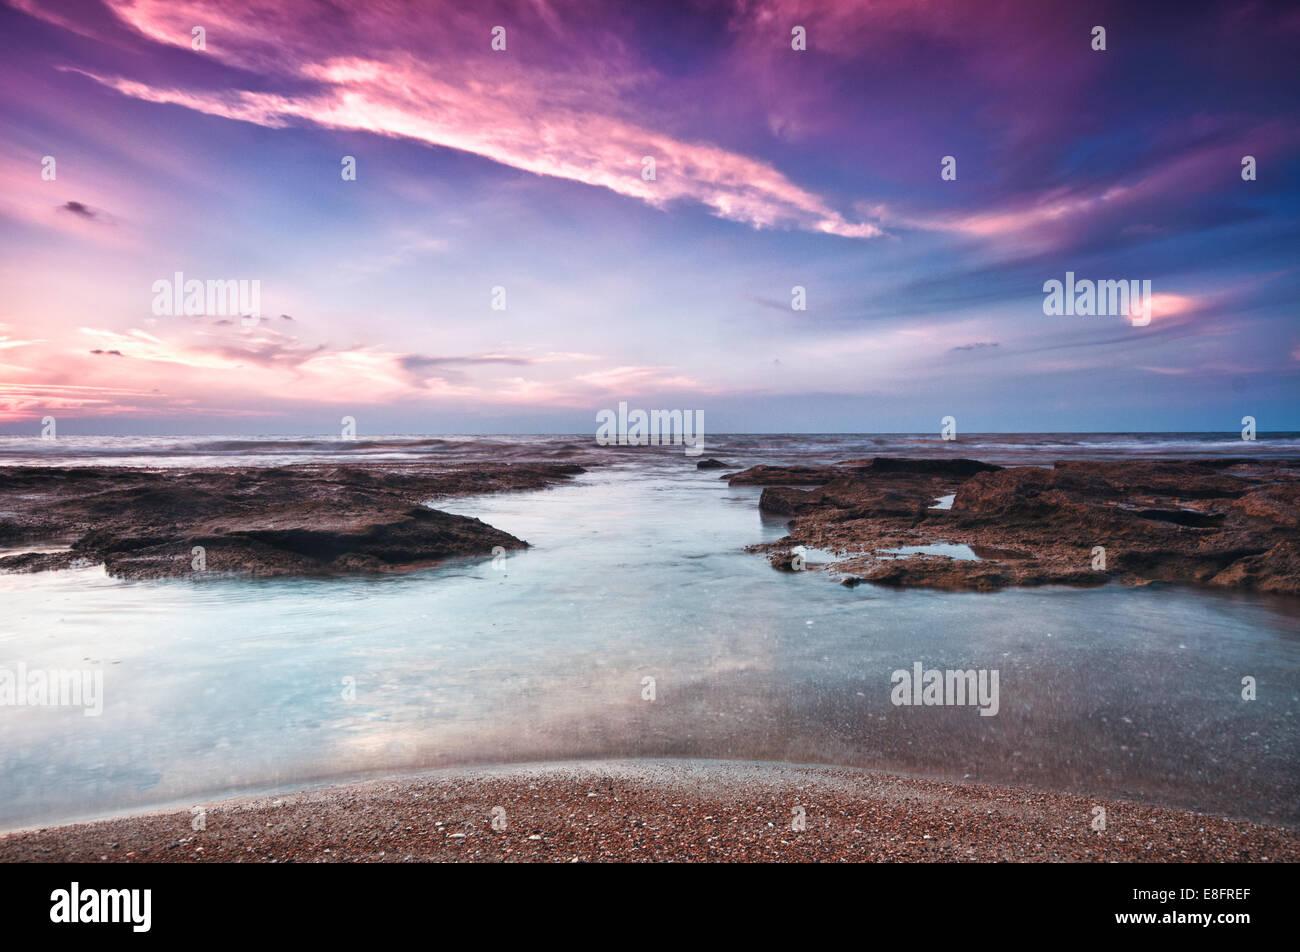 Israel, Tel Aviv District, Tel Aviv, Sunset on Beach - Stock Image